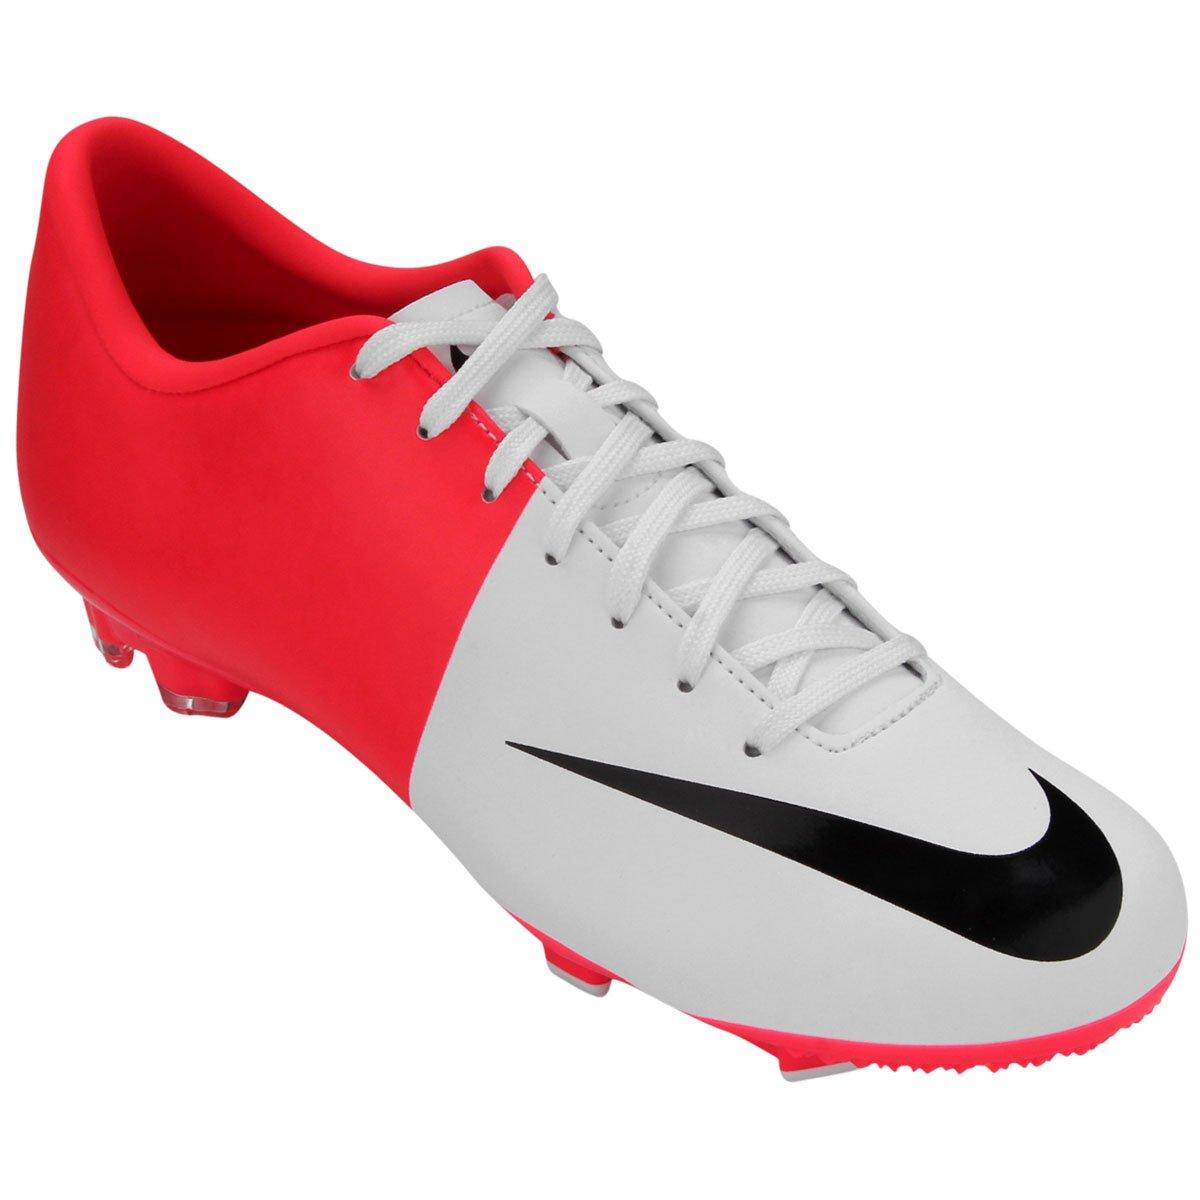 f080f9aede Chuteira Nike Mercurial Victory 3 FG - Edição Especial